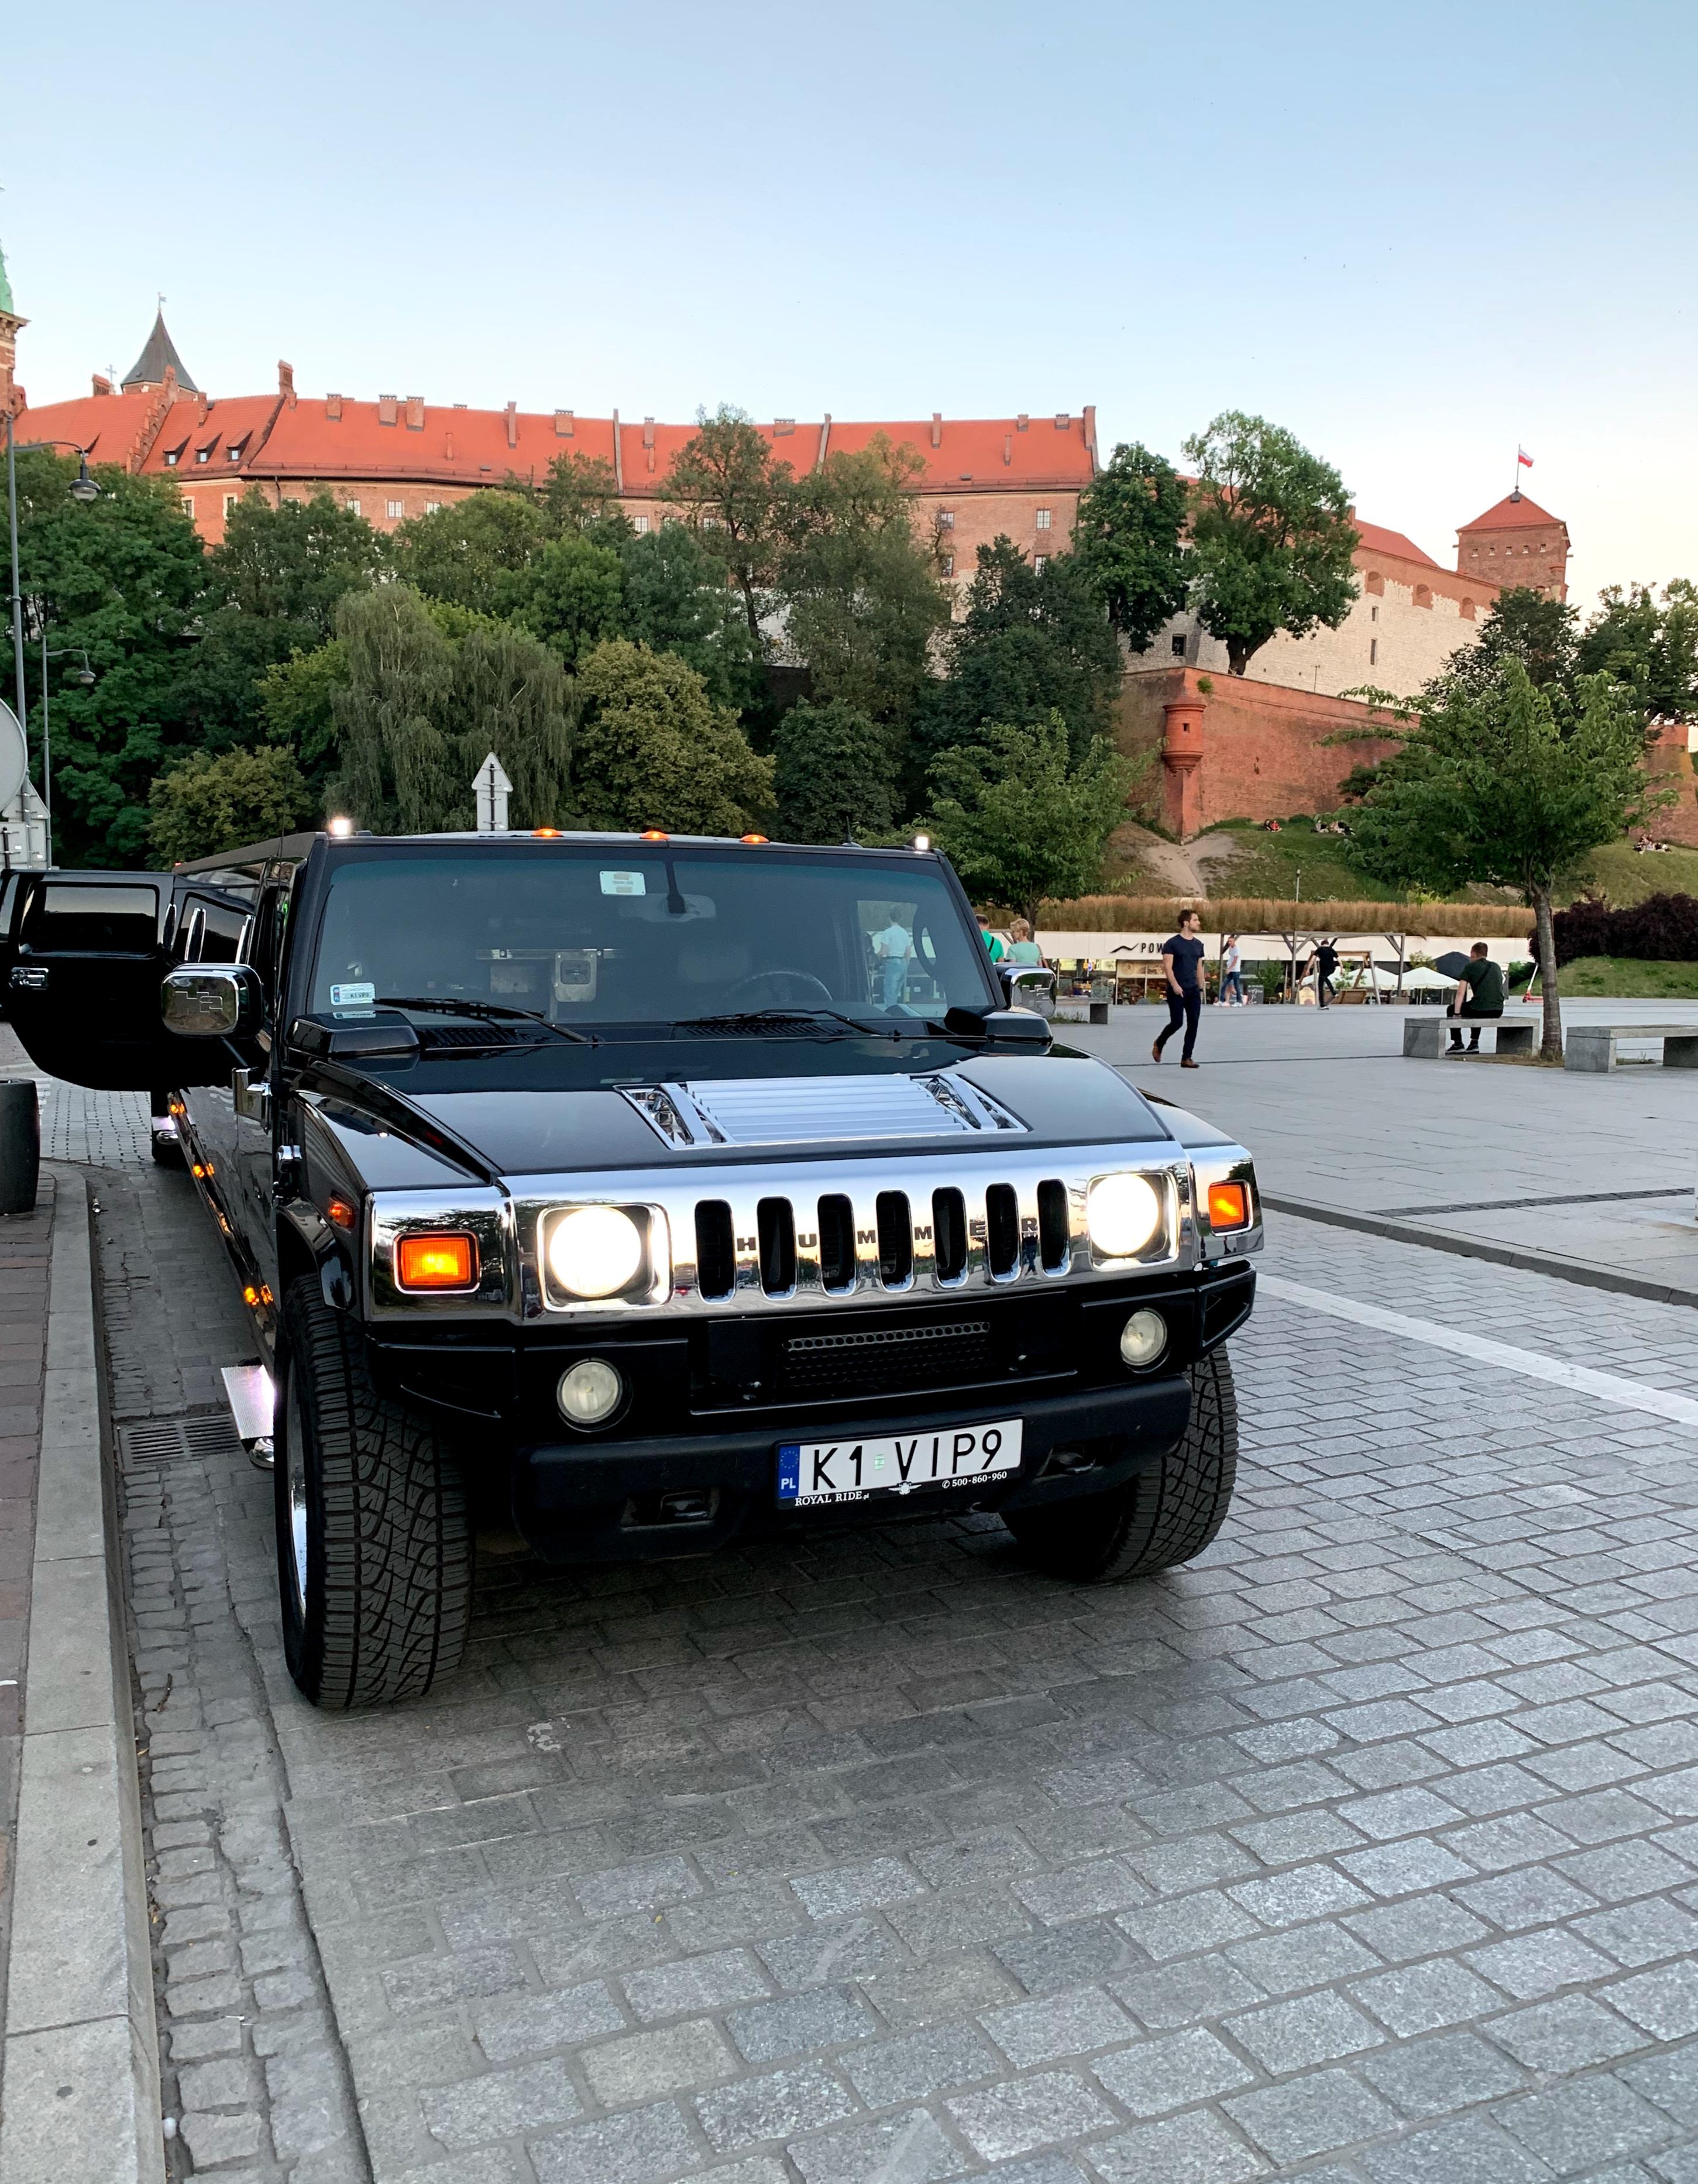 Hummer Limo (22pers)  pour mon EVG à Cracovie   Enterrement de vie de garçon   idée enterrement de vie de garçon   activité enterrement de vie de garçon   idée evg   activité evg